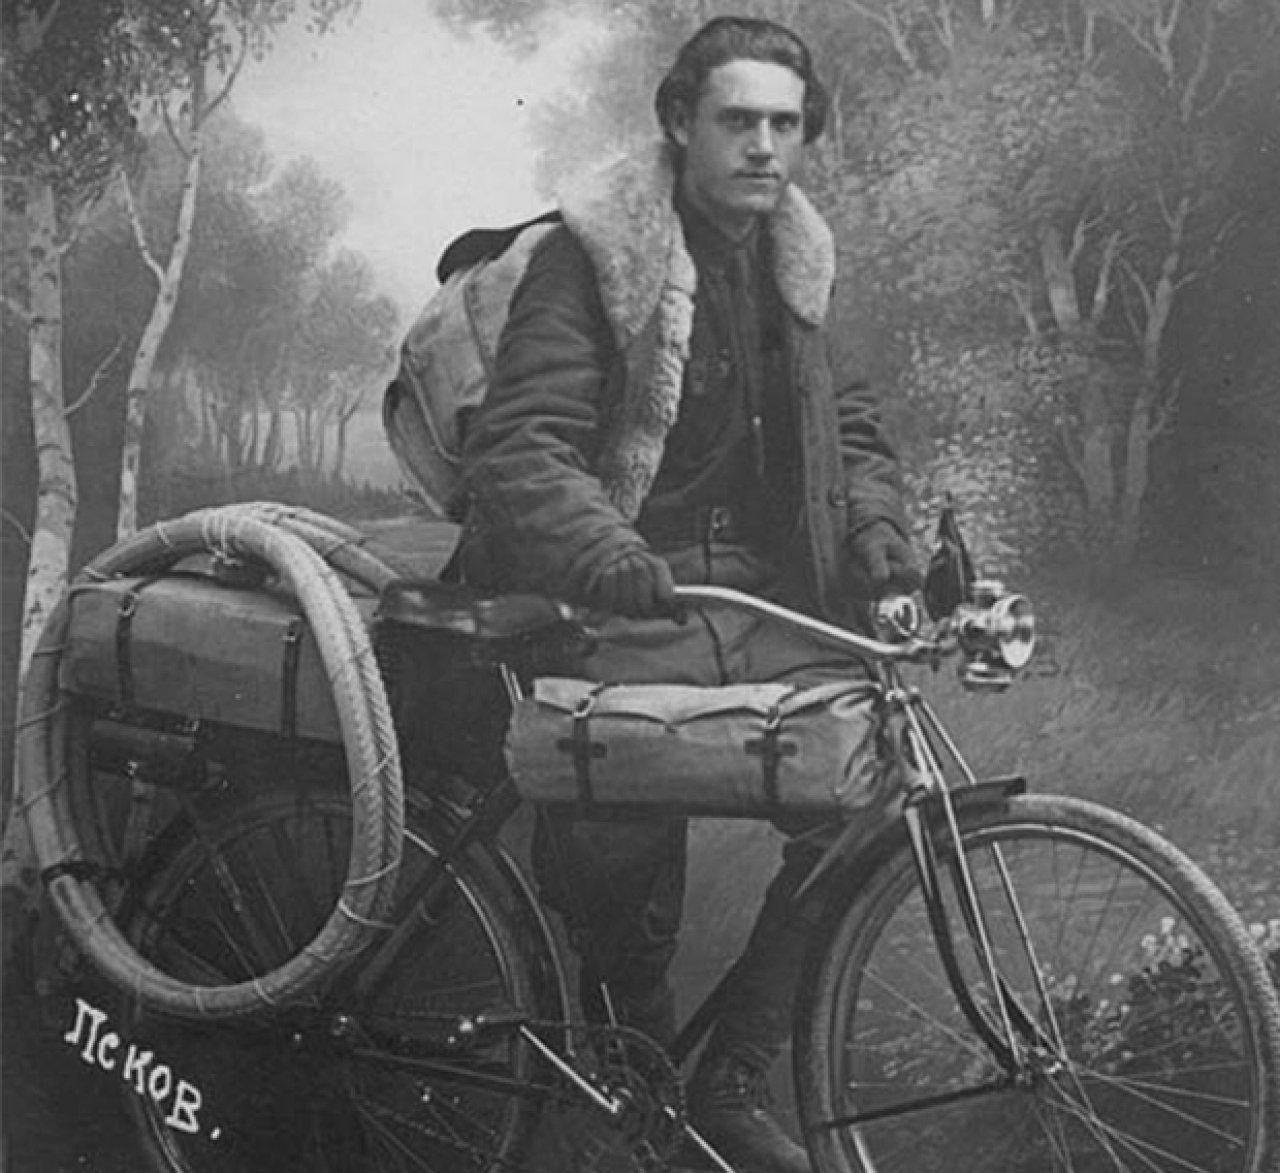 Техника у Глеба была адекватна времени — обычный дорожный велосипед. Фото: псковский музей-заповедник